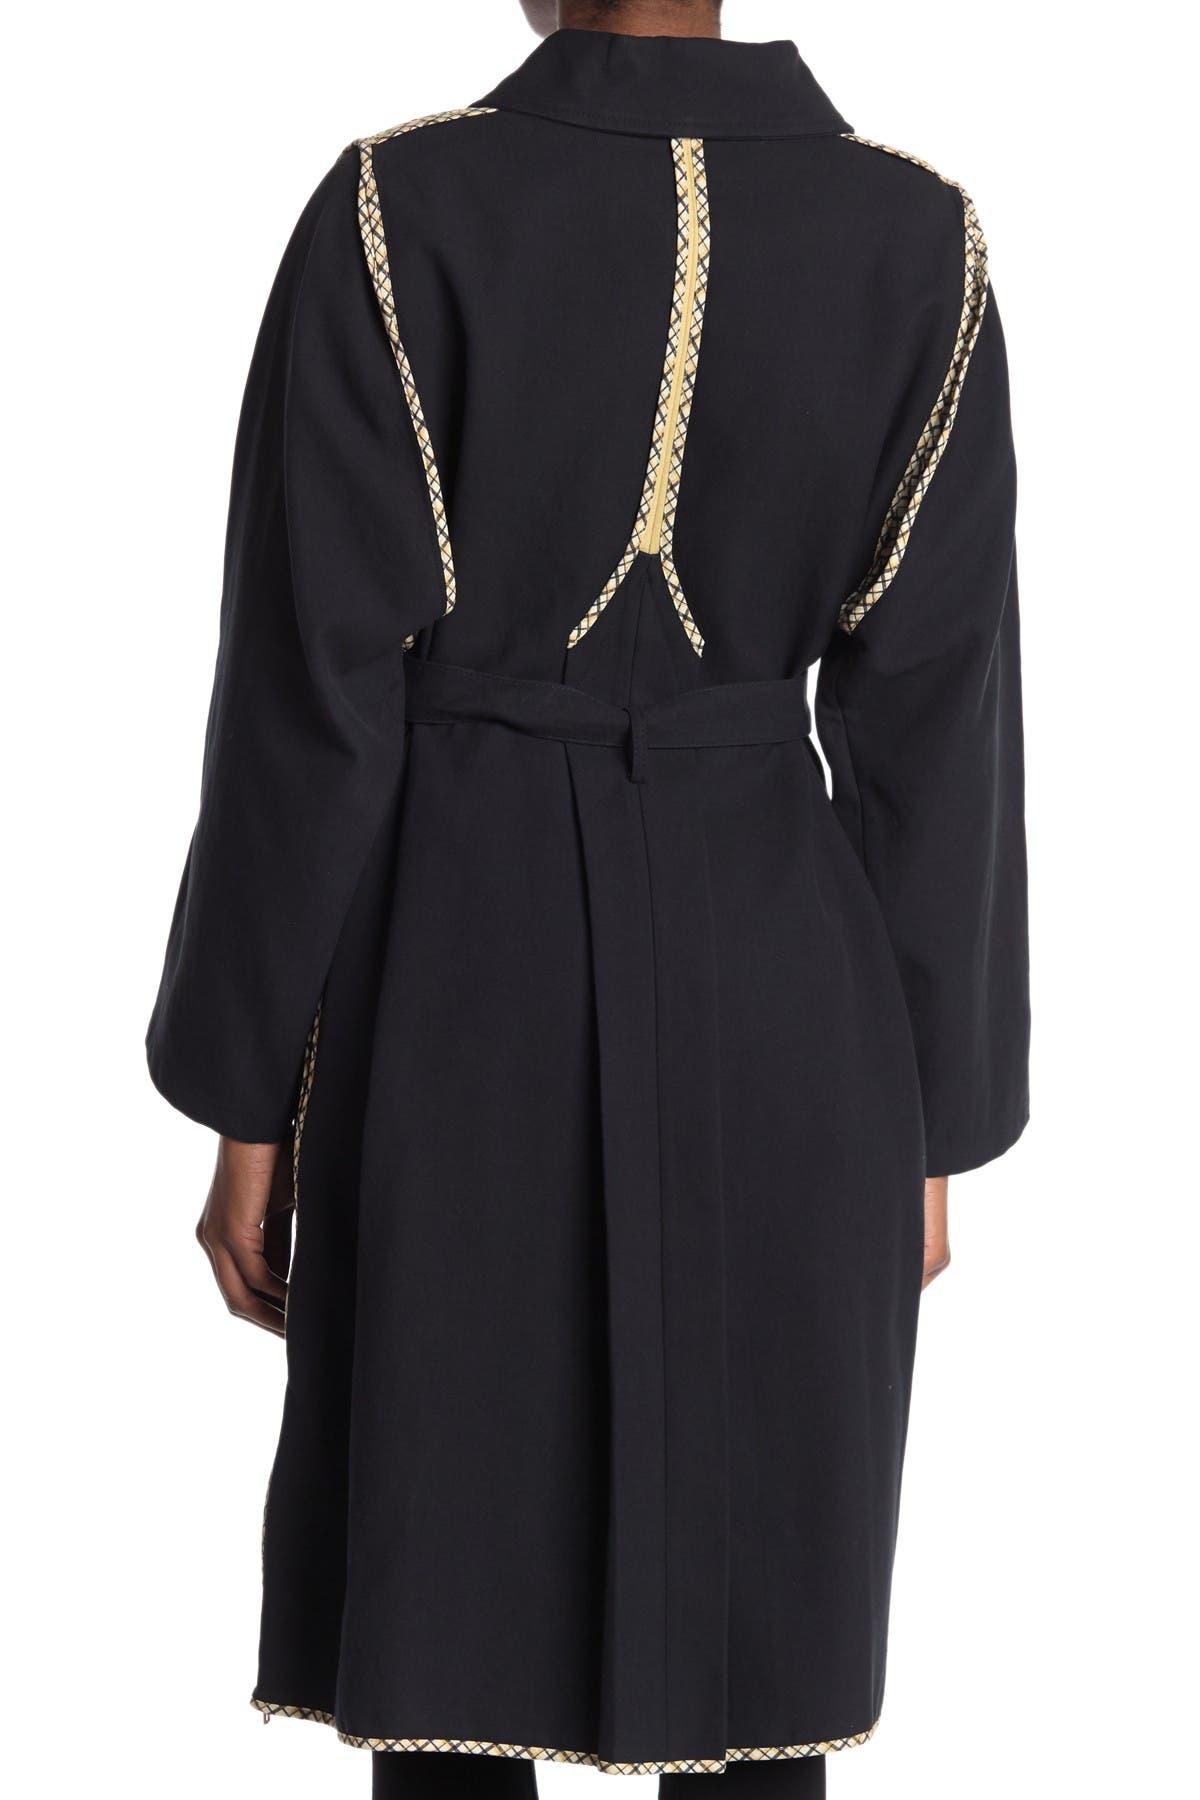 Image of See By Chloe Plaid Trim Long Line Zip Coat